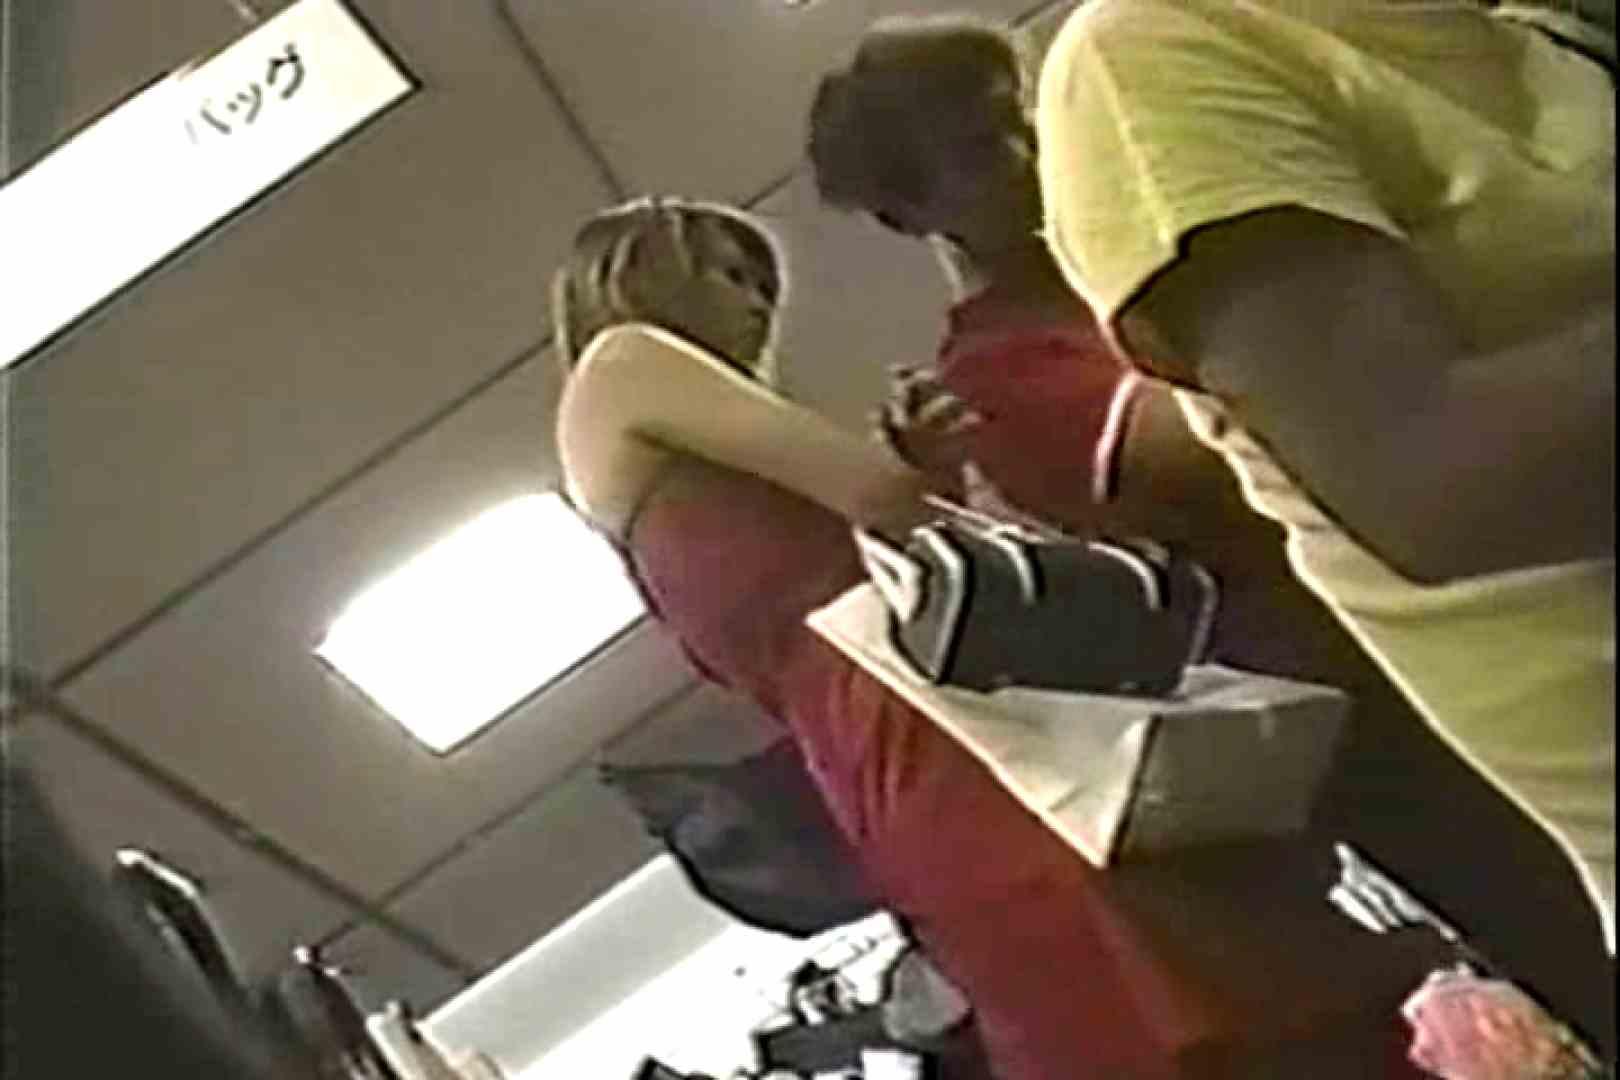 「ちくりん」さんのオリジナル未編集パンチラVol.6_02 美しいOLの裸体 盗み撮り動画キャプチャ 71pic 35